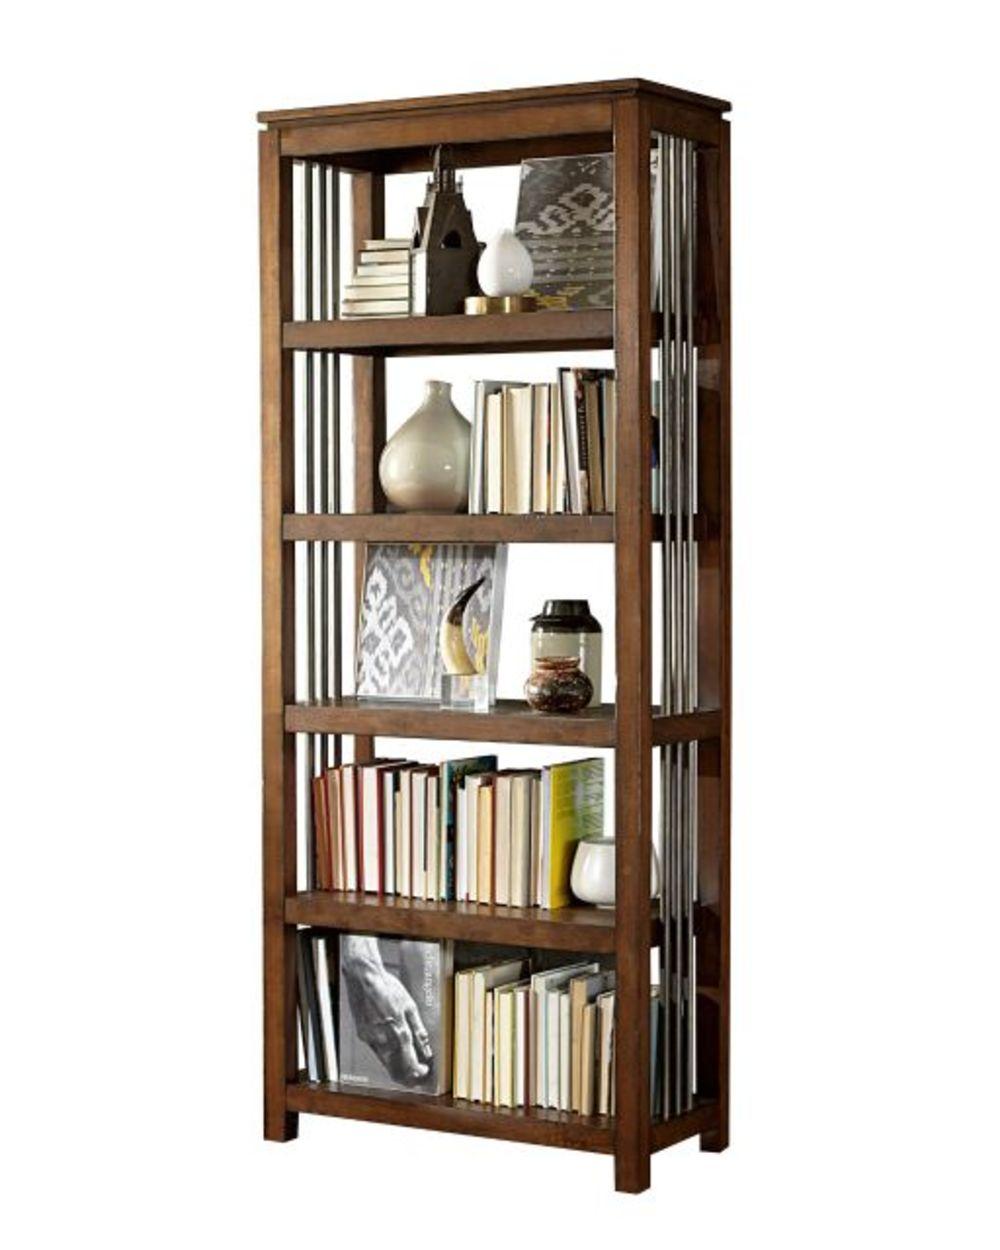 Hammary Furniture - Bookcase